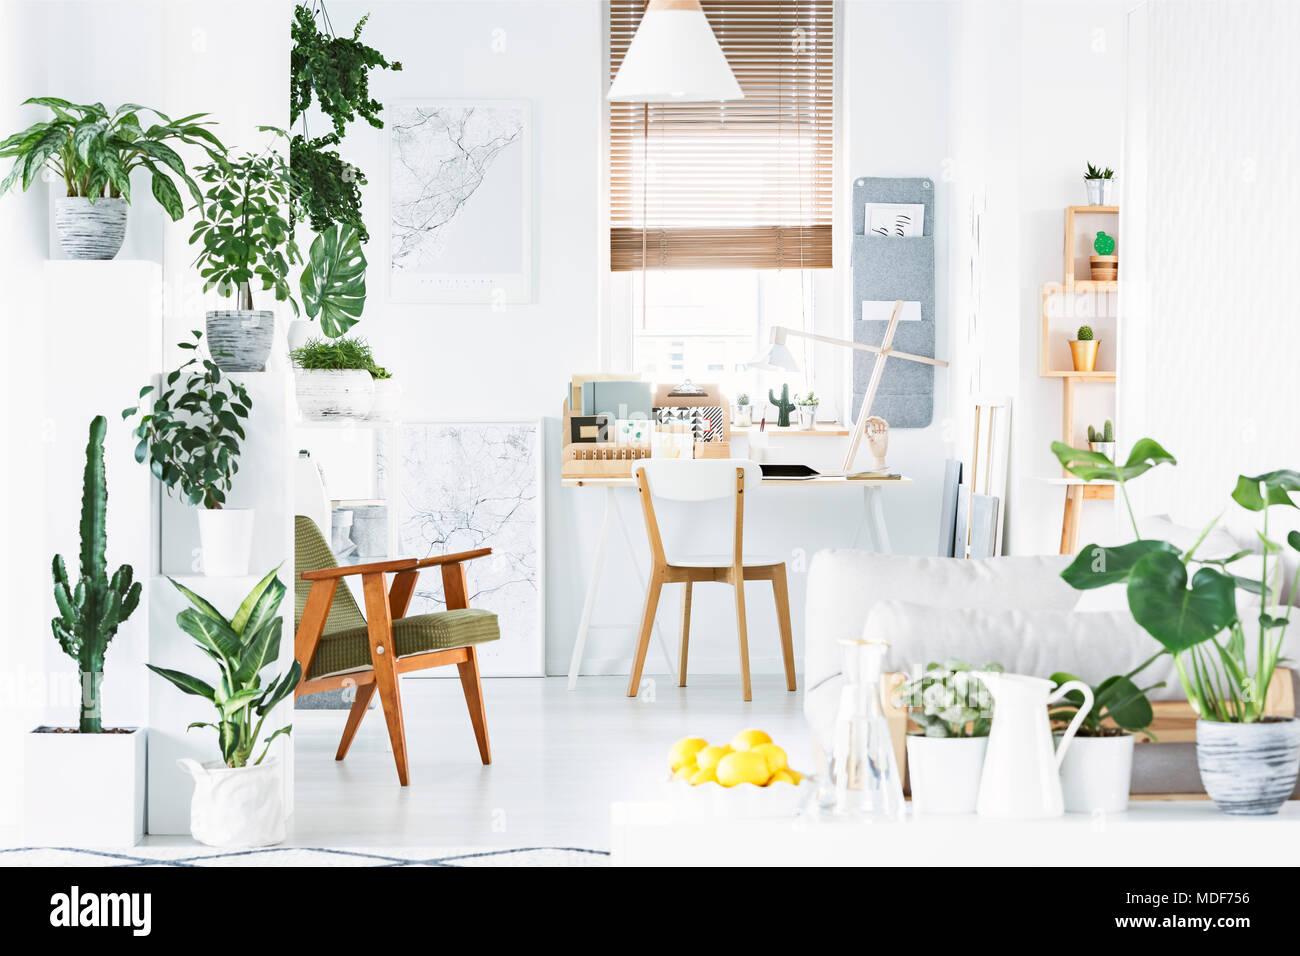 Jardim Botânico home office interior com paredes brancas, cadeira de madeira e limões em uma tigela Imagens de Stock